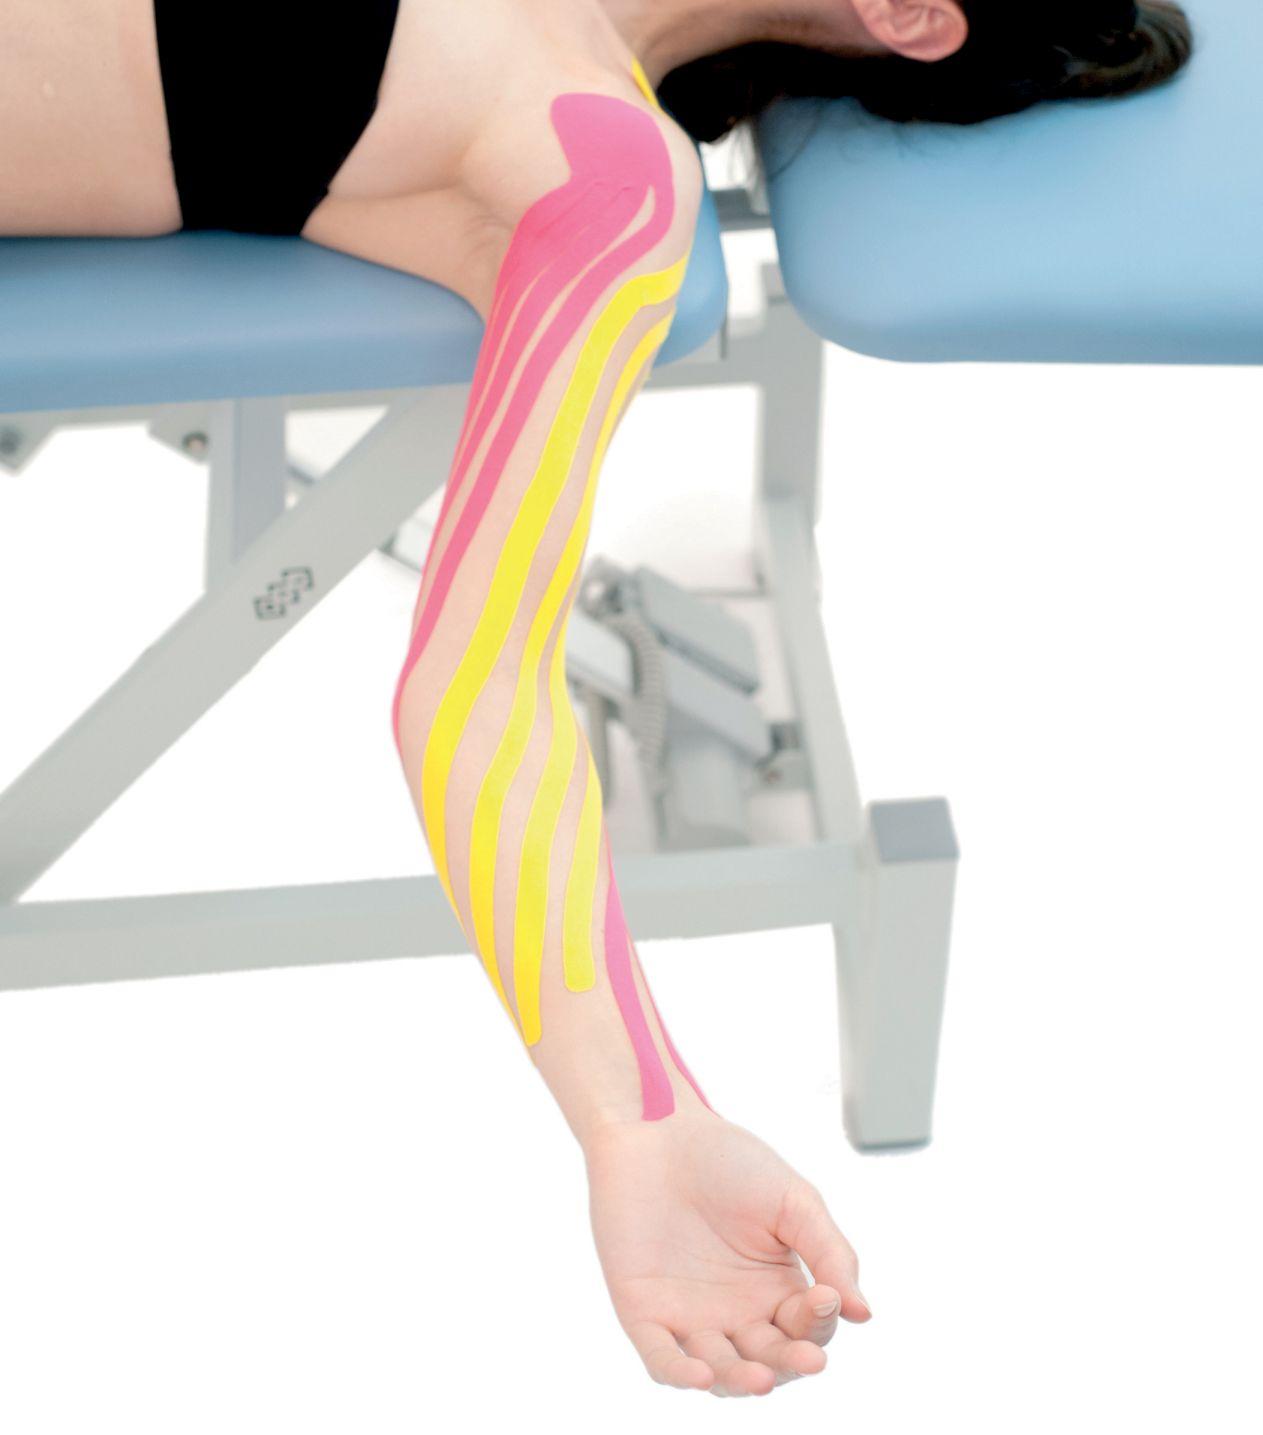 Tejpování – lymfatický tejp ruky 6